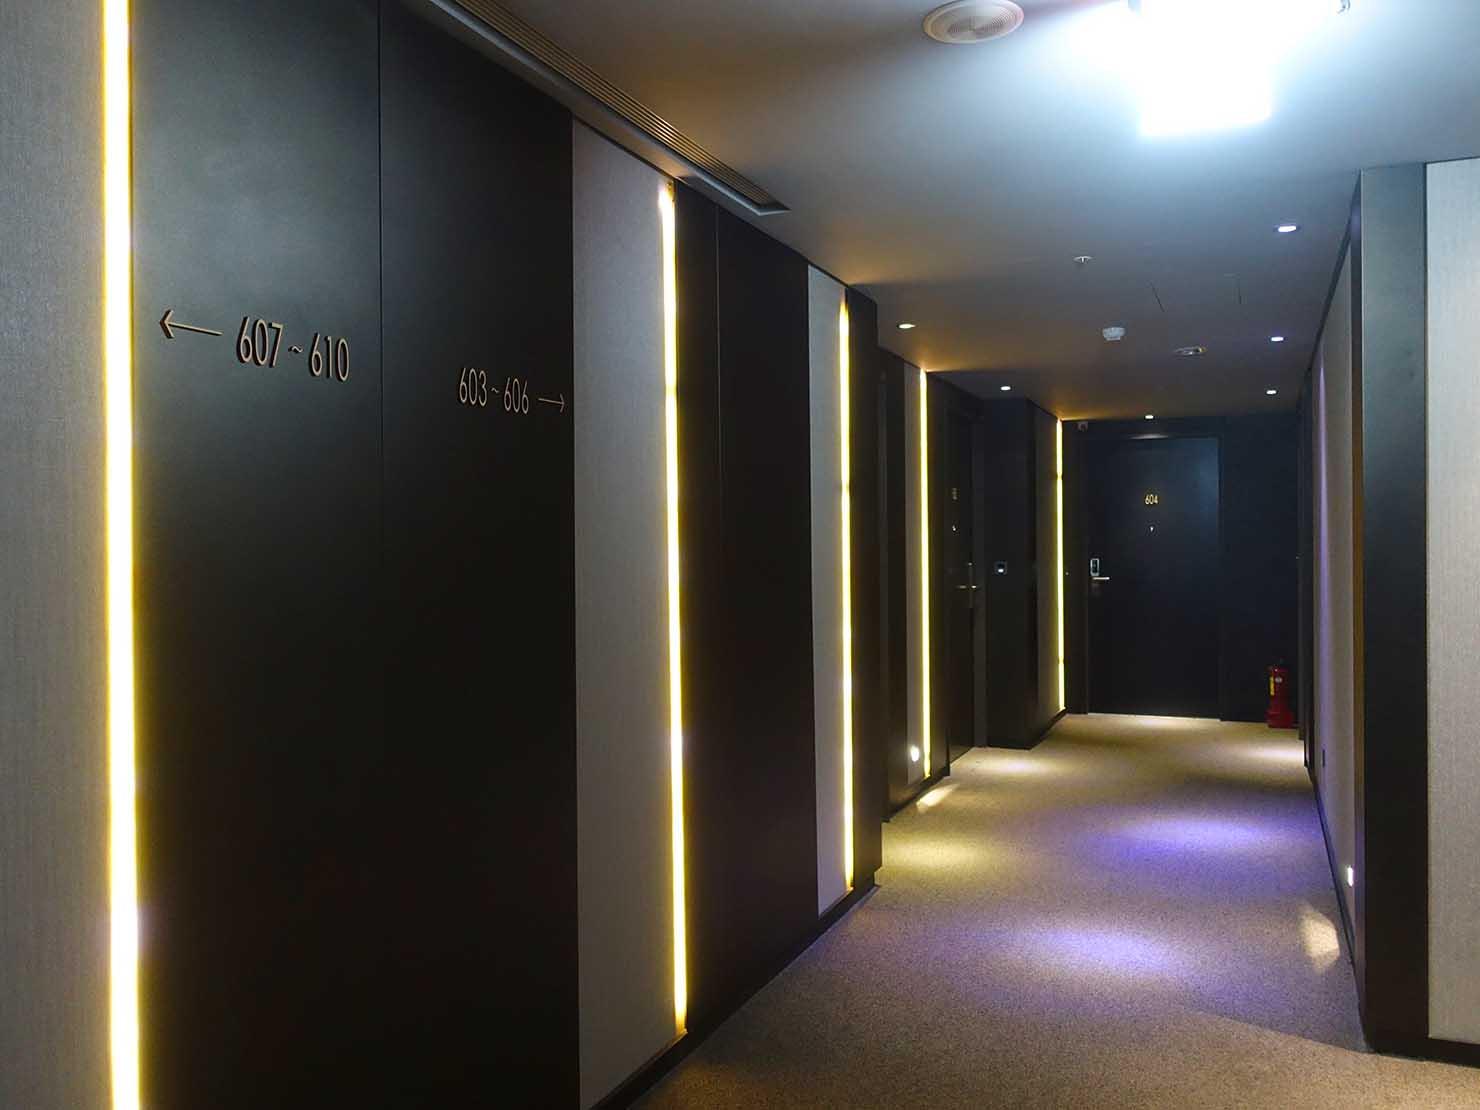 嘉義のおすすめホテル「嘉義觀止」のエレベーターホール